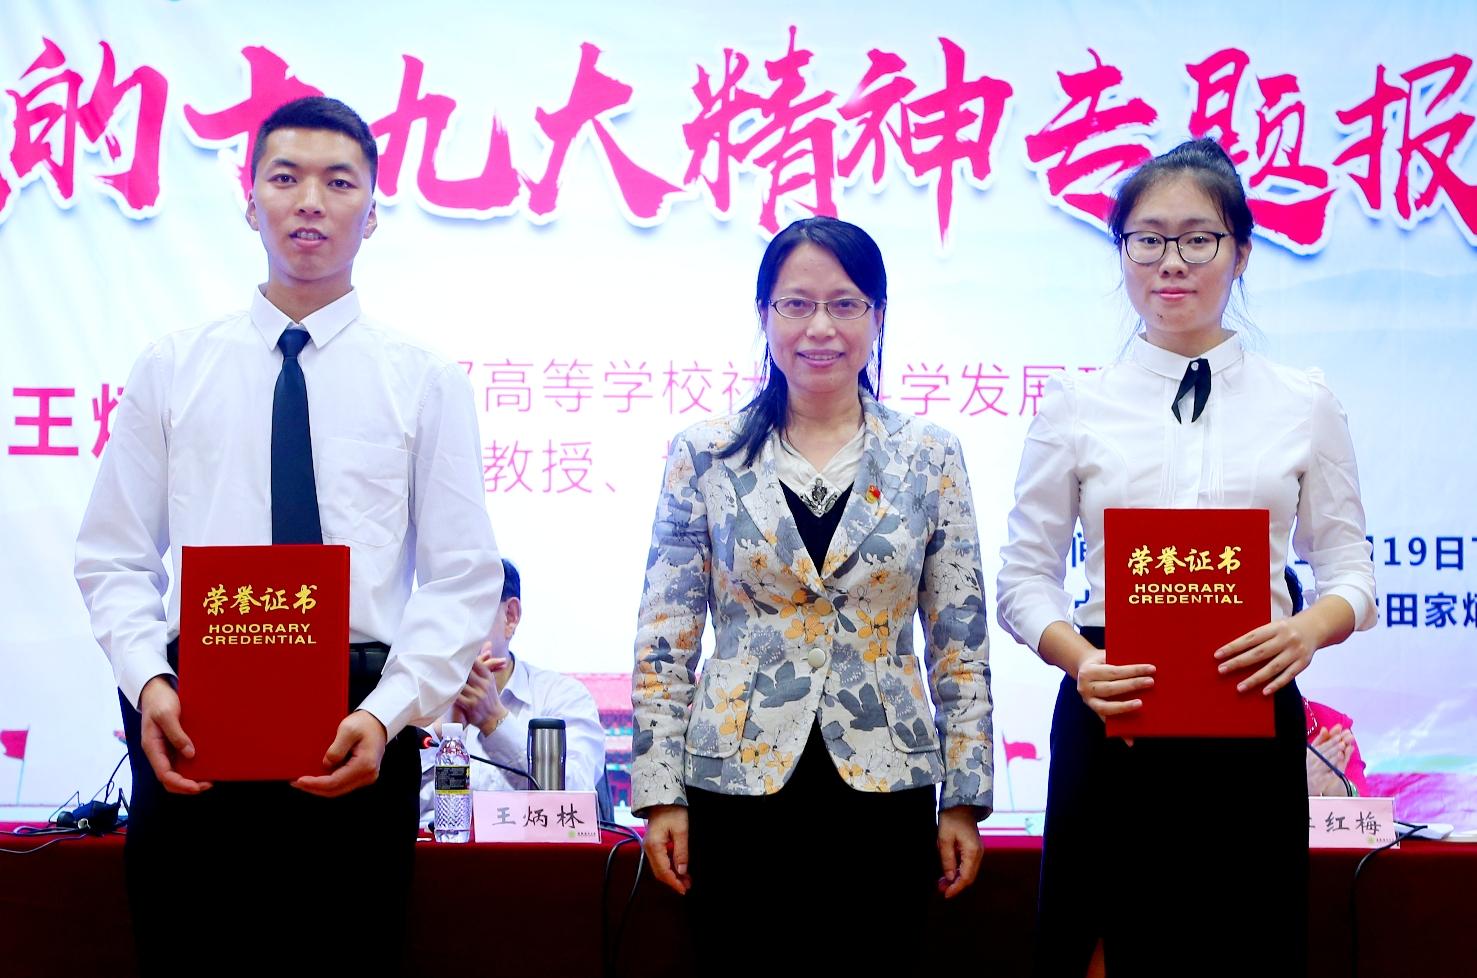 海南省首届高校大学生思政课知识竞赛在我校举行